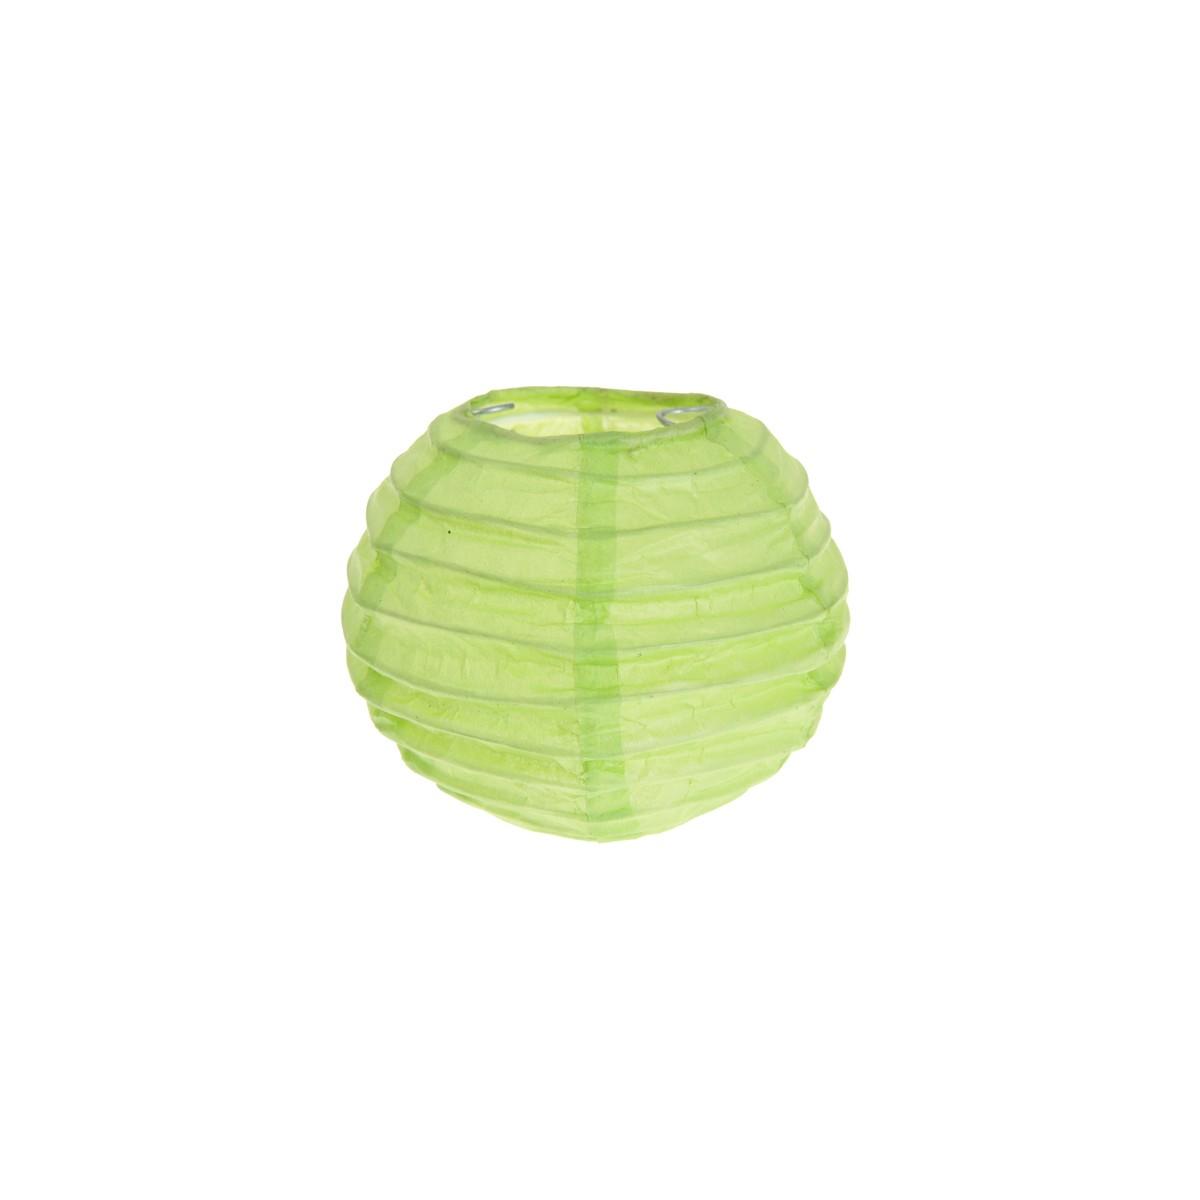 2x Petite Lanterne Papier 10cm - Vert